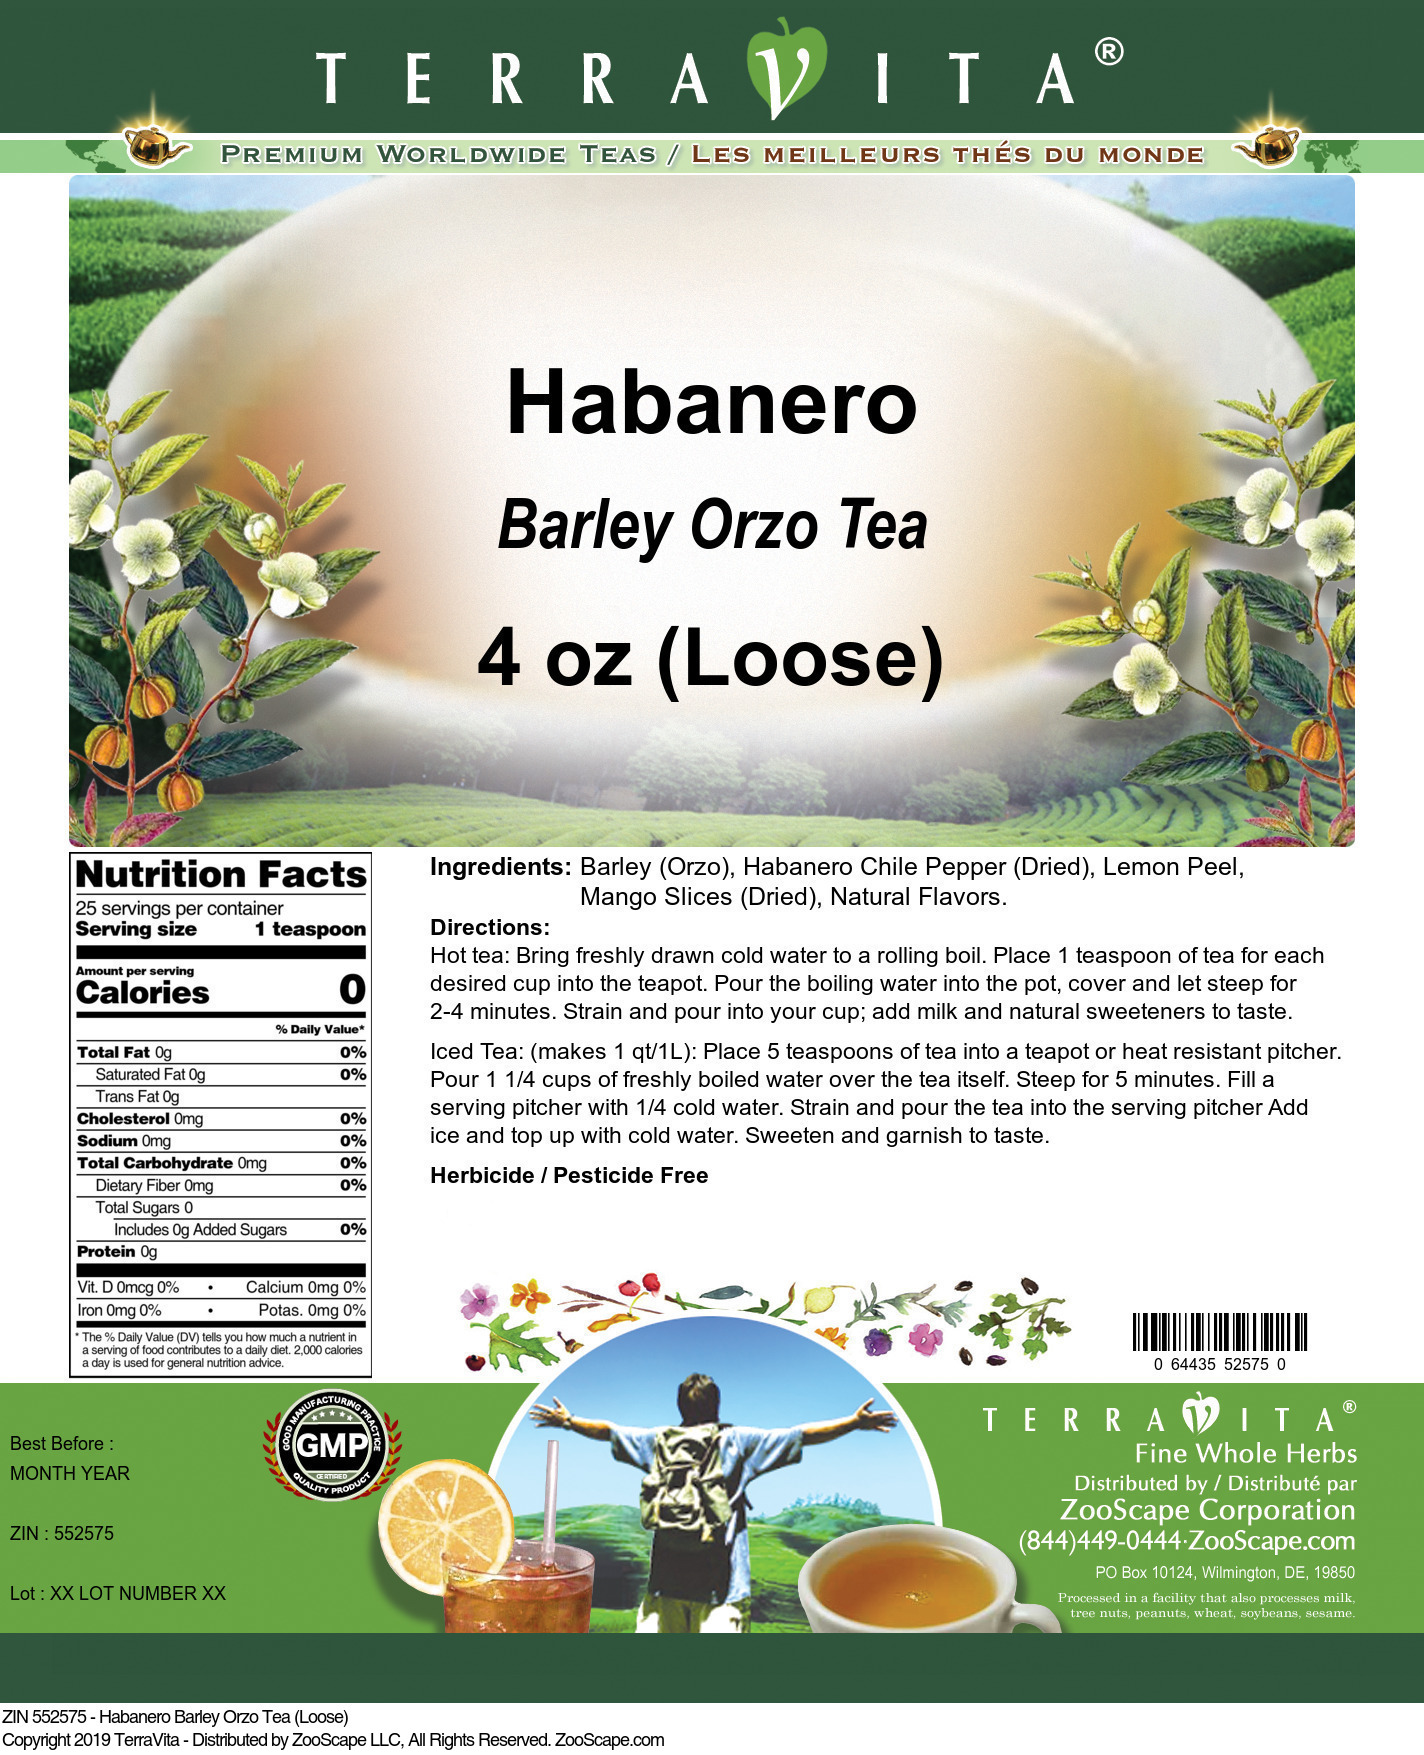 Habanero Barley Orzo